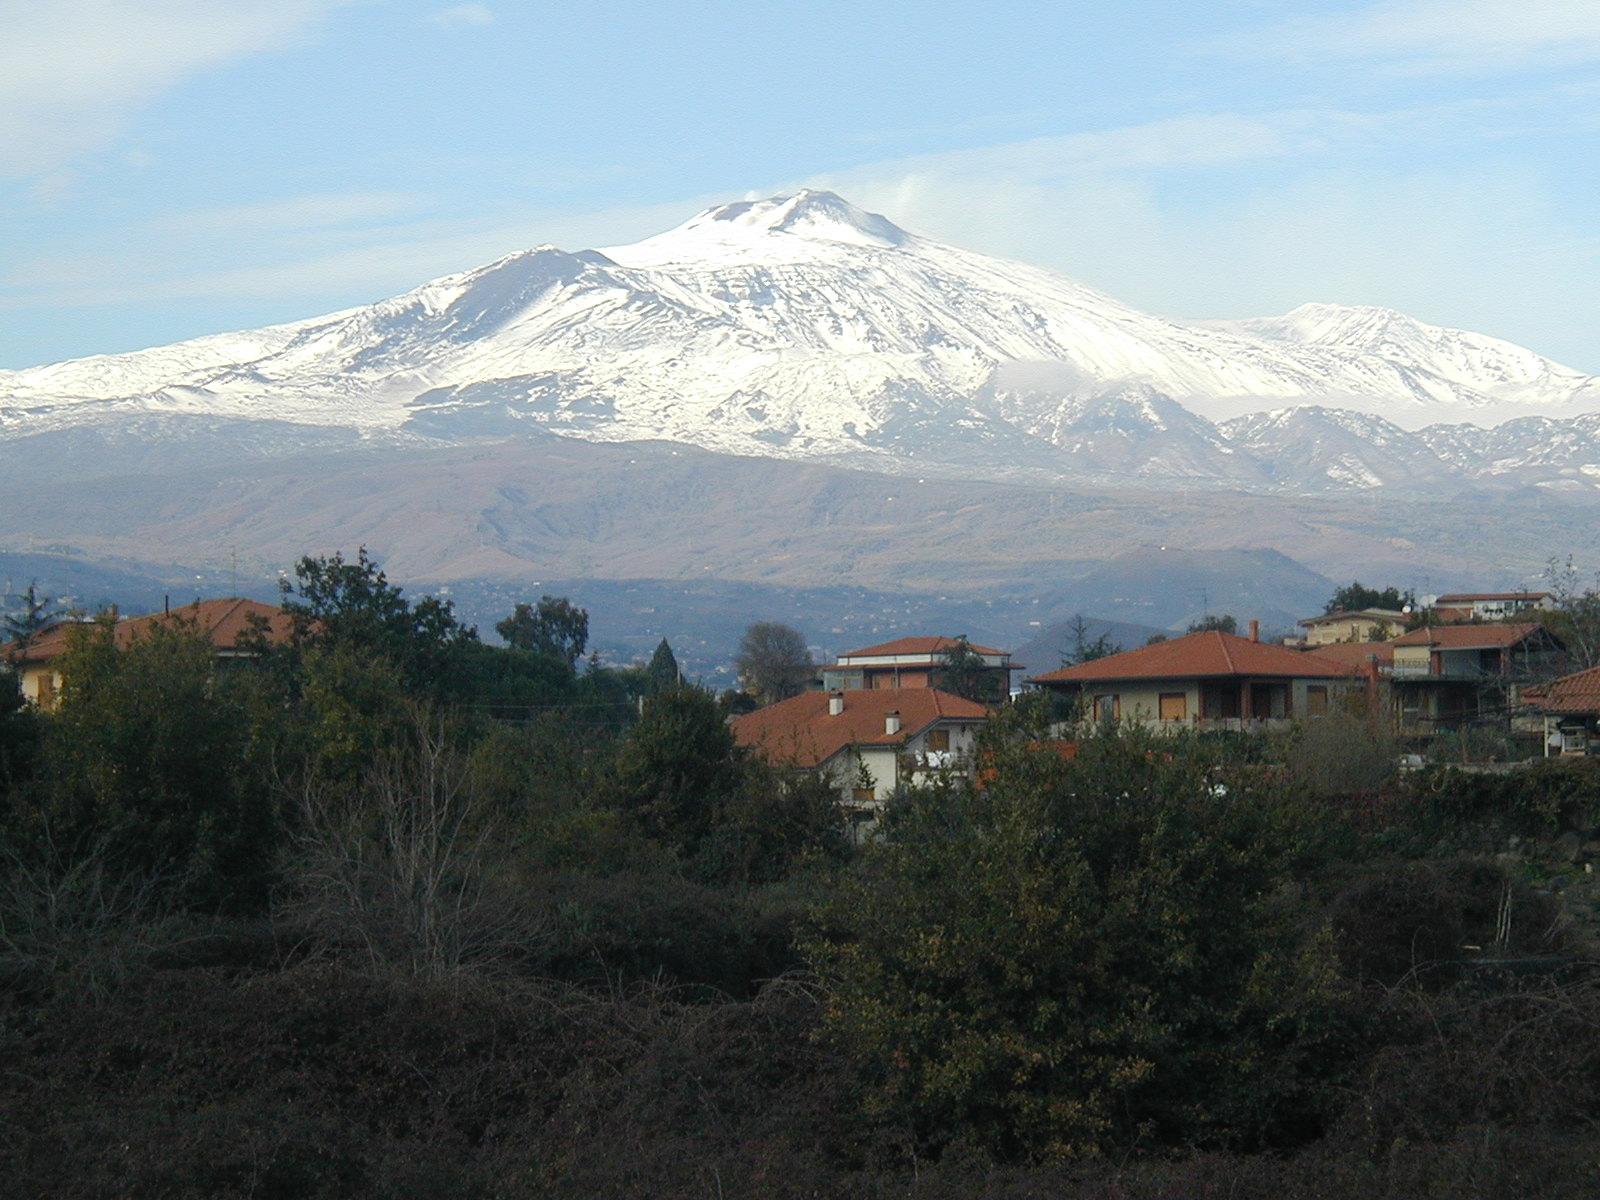 File:Monte Etna San Gregorio di Catania 2001.jpg - Wikimedia Commons